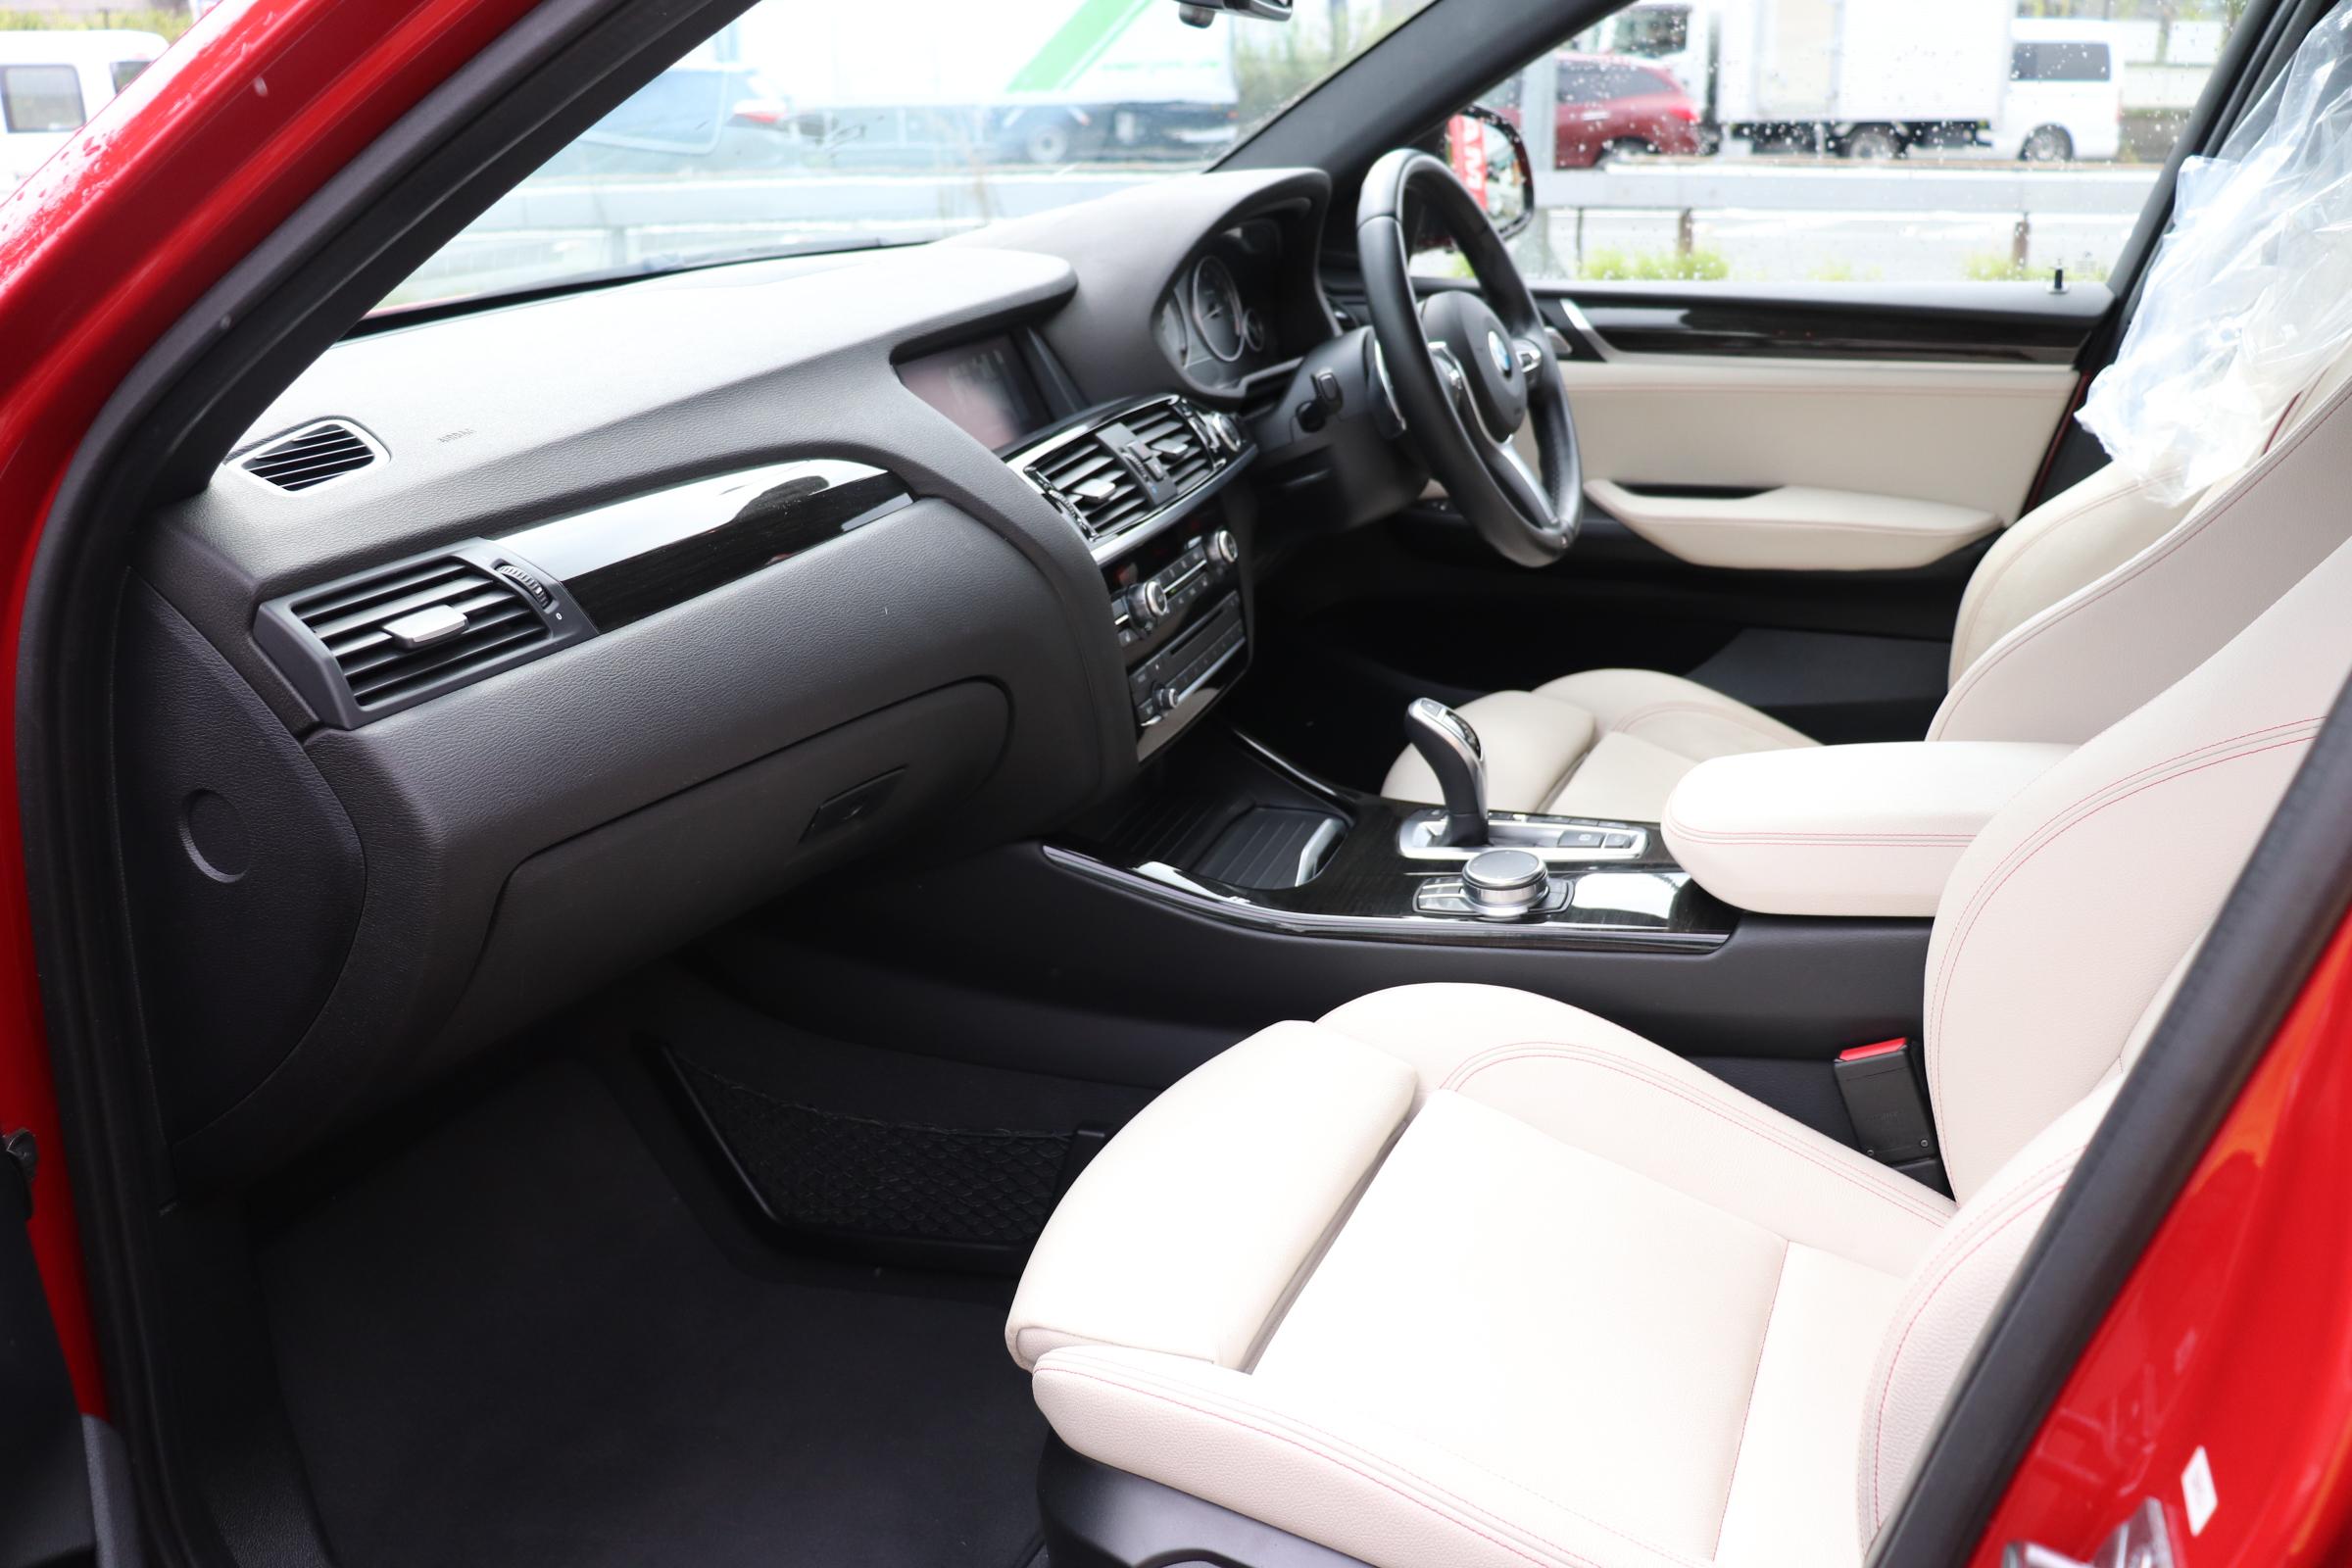 X4 xDrive 28i Mスポーツ 4WD 20インチACCレーンチェンジW LEDヘッド Mスポステア車両画像13